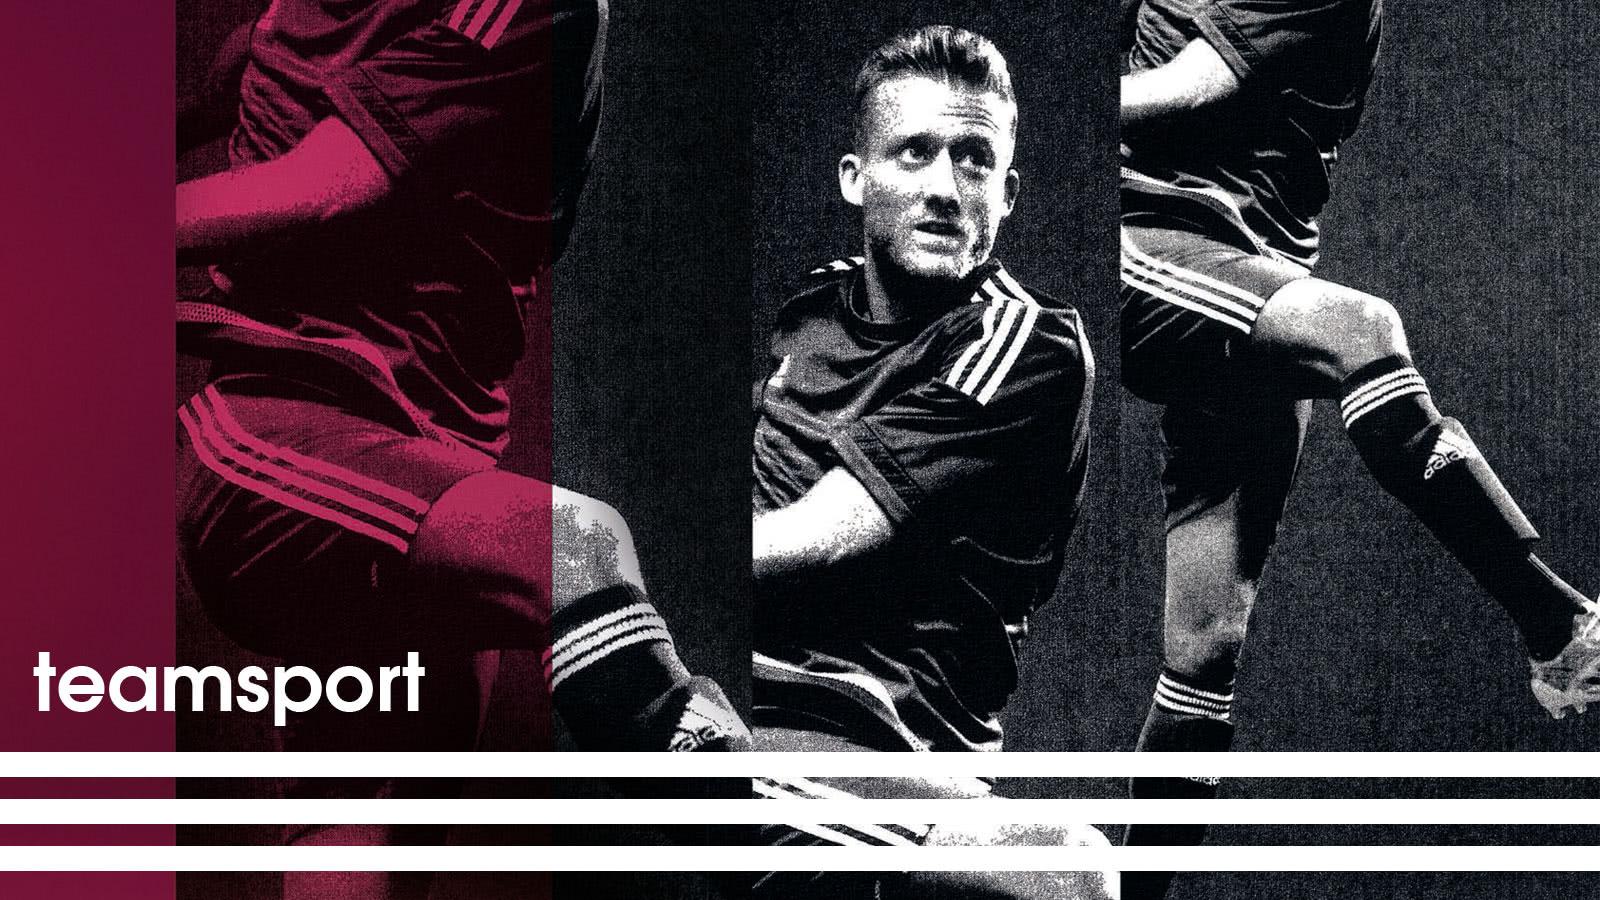 a2d729d15fb2d8 Die Adidas Teamsport Saison 2015 2016 mit dem Fußball und Teamwear Katalog